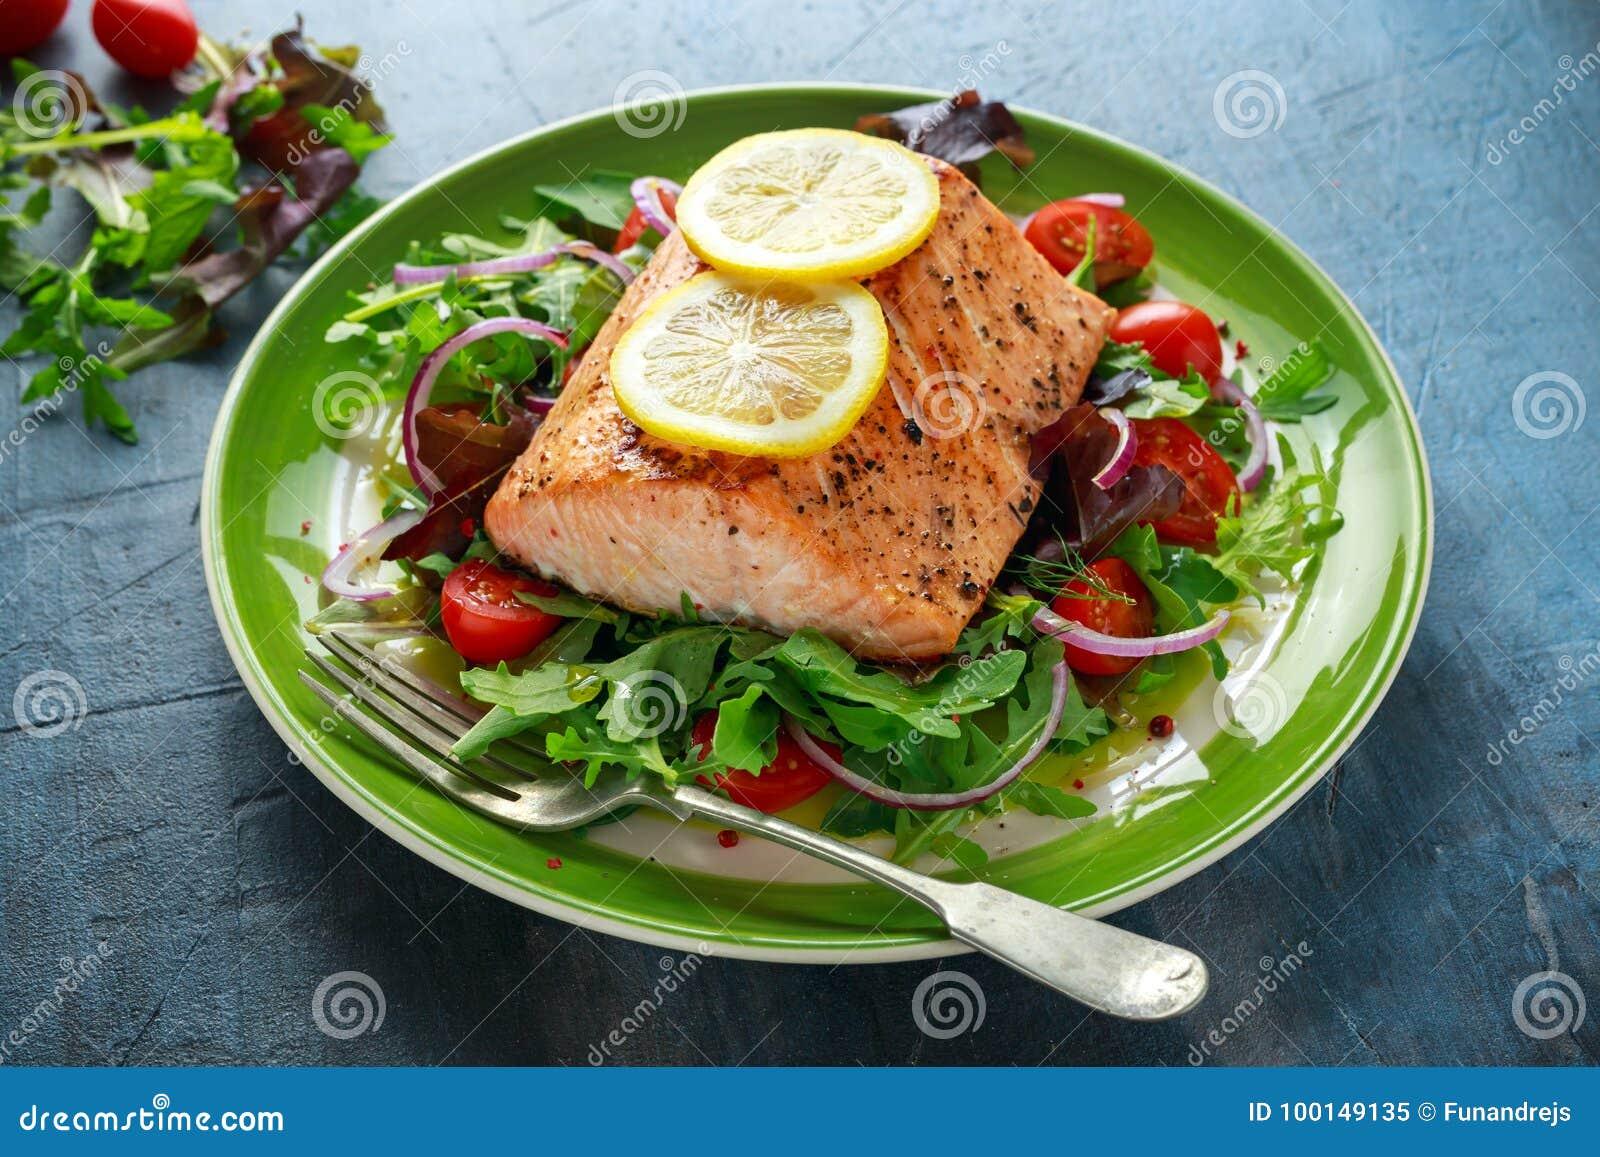 Gebackenes Lachssteak mit Tomate, Zwiebel, Mischung des Grüns lässt Salat in einer Platte Gesunde Nahrung